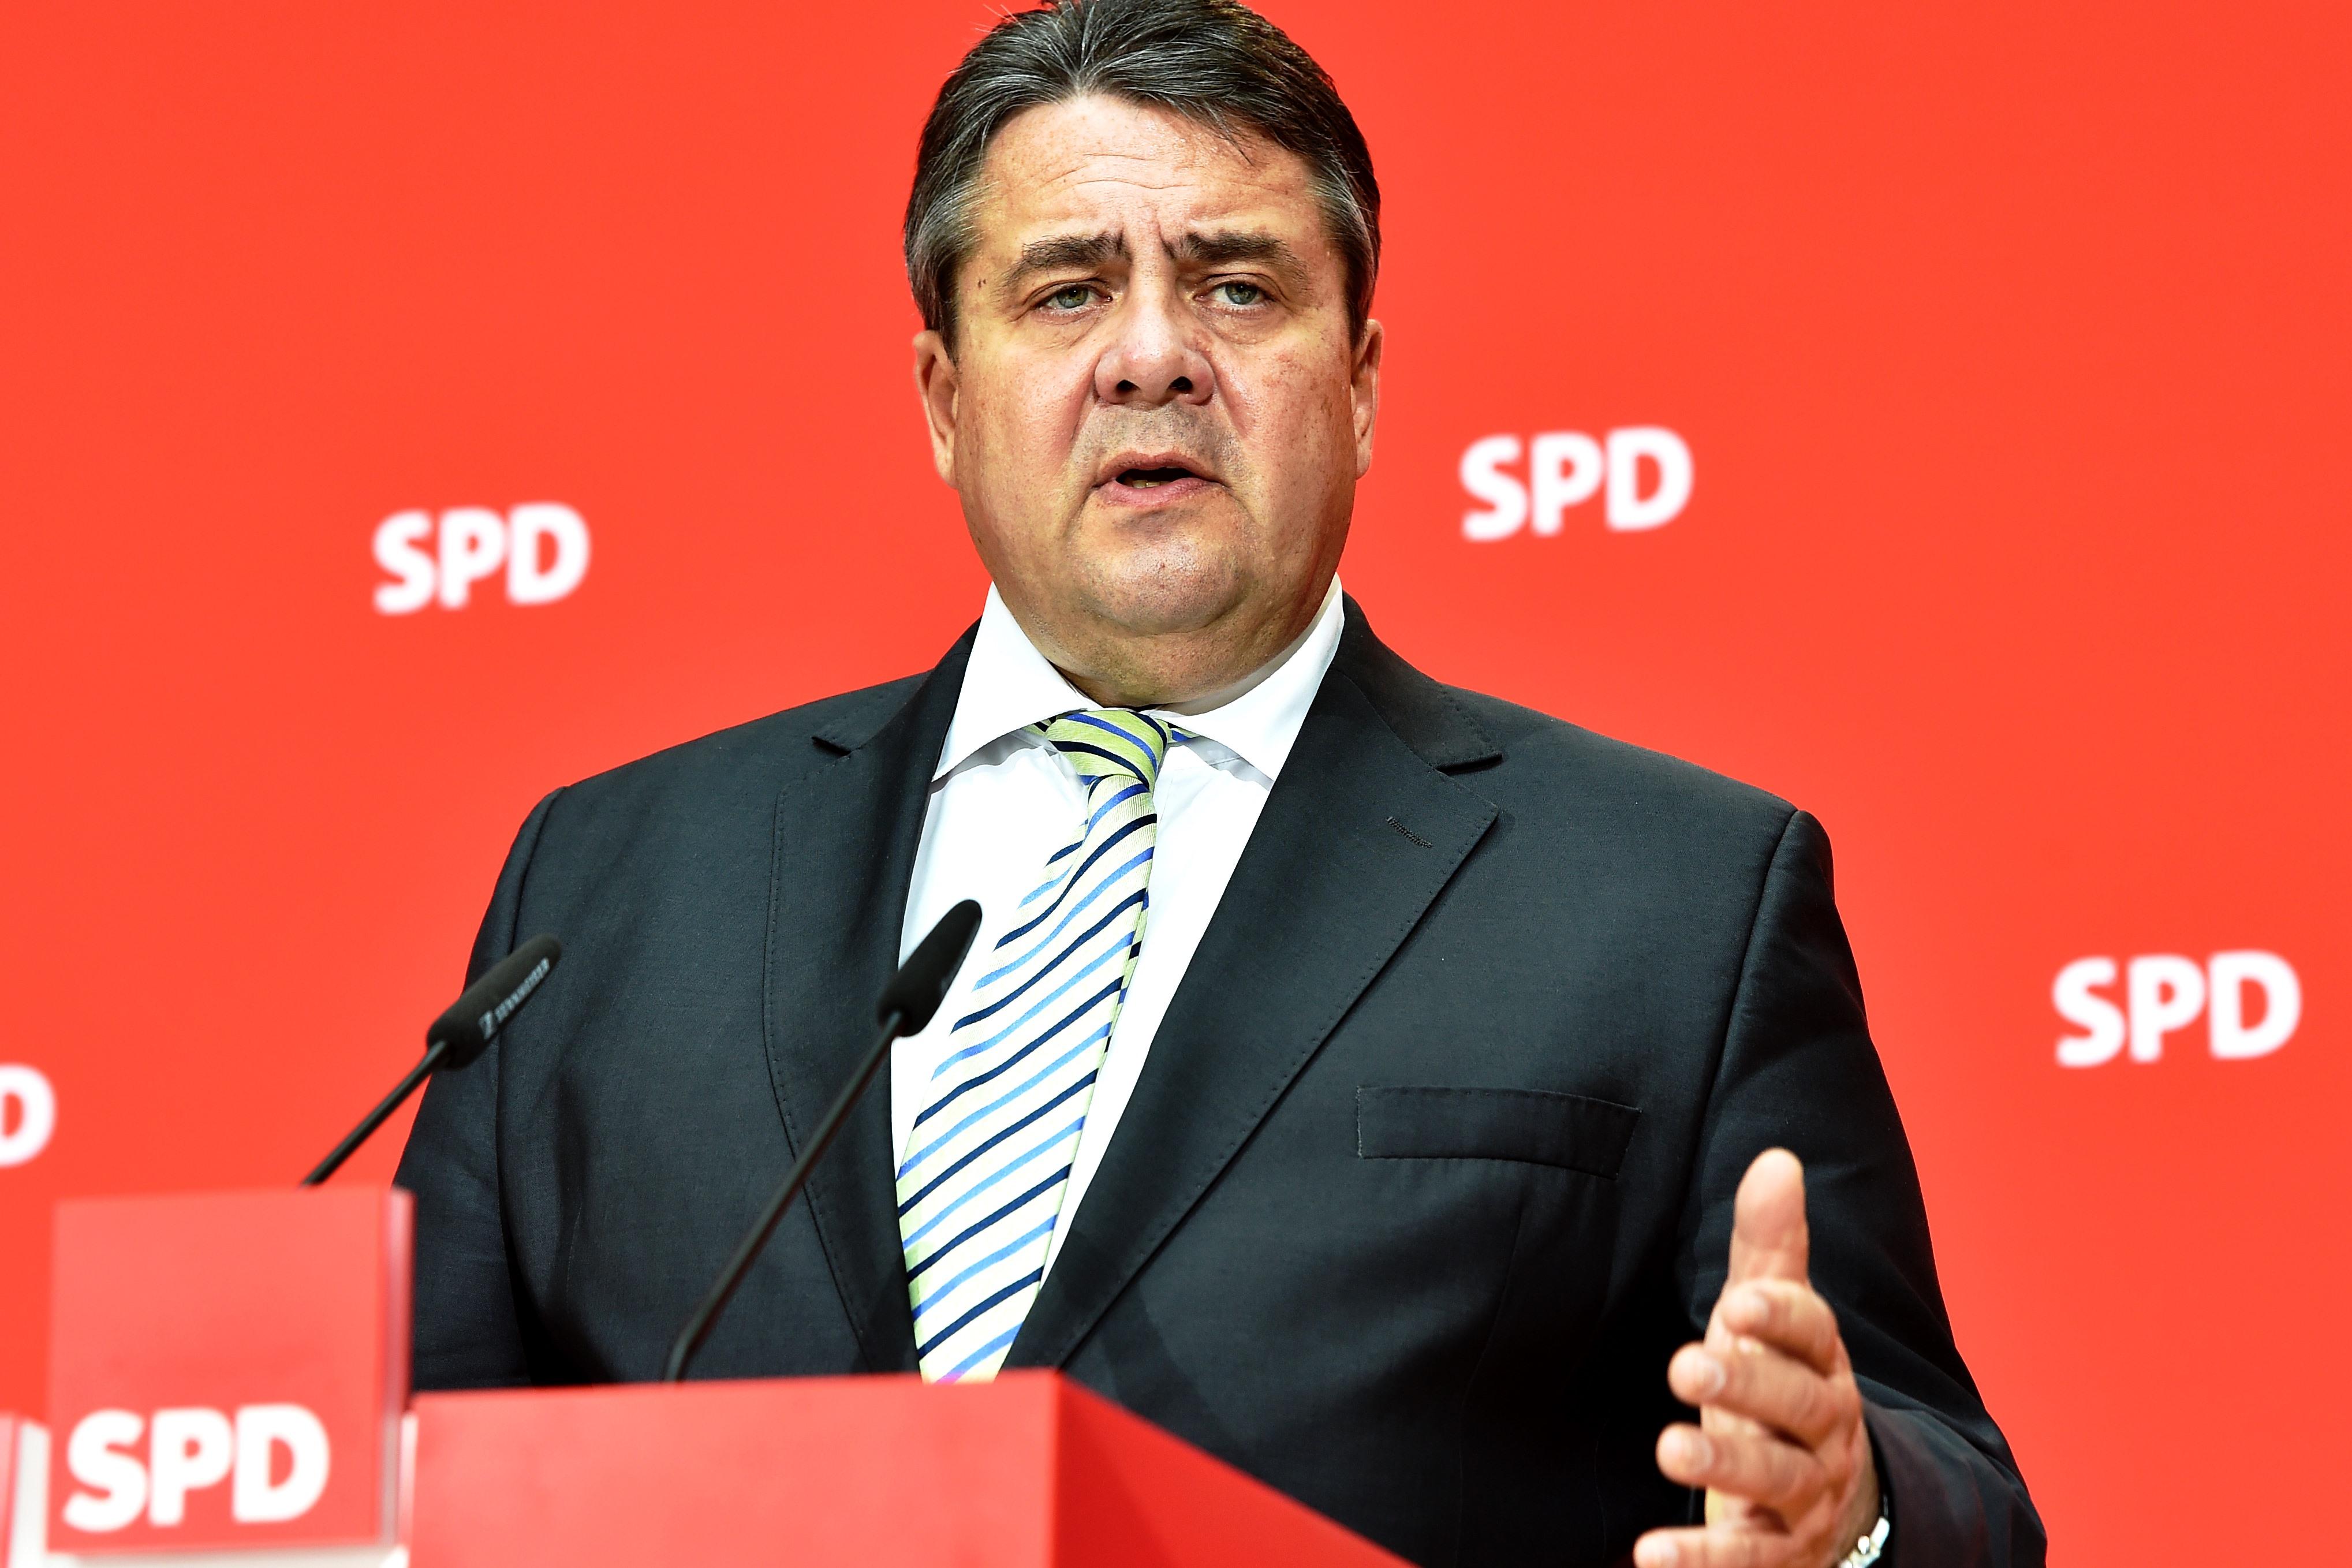 Зигмар Габриэль не может на равных бороться с Ангелой Меркель, но вполне способен поставить внутрипартийные барьеры на пути Мартина Шульца к выдвижению кандидатом в канцлеры.